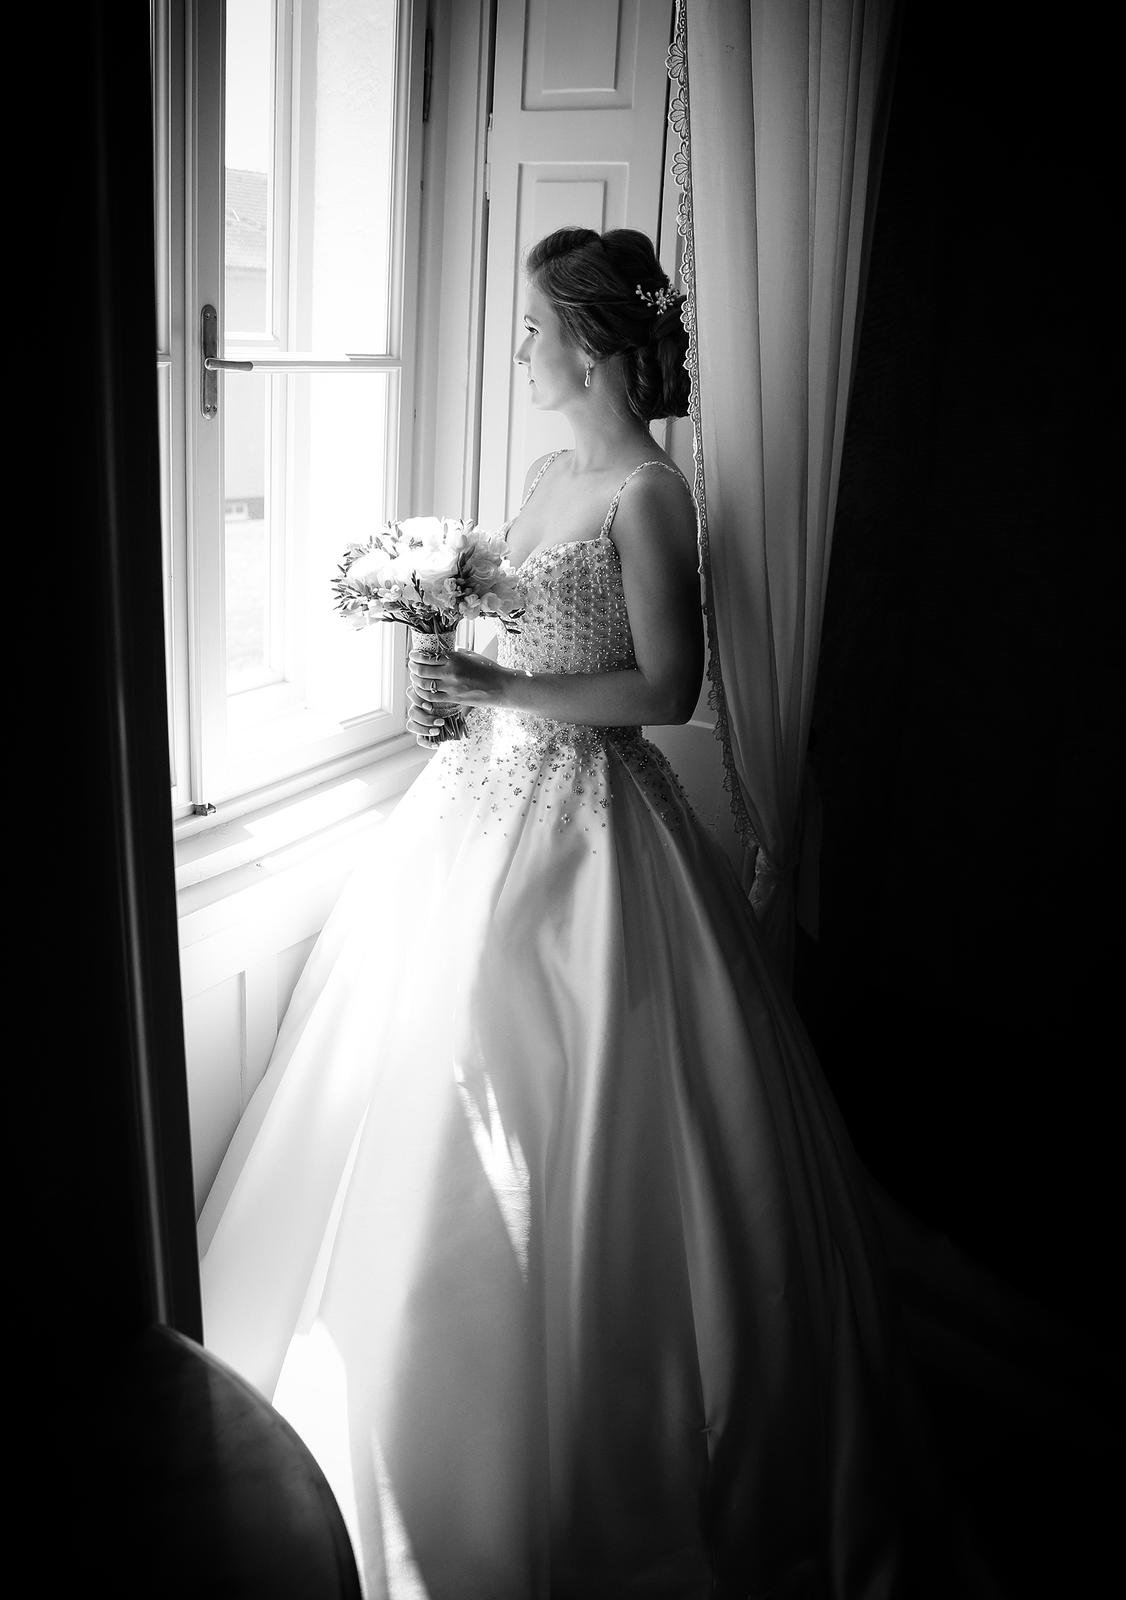 Pred svadbou som hľadal... - Obrázek č. 1